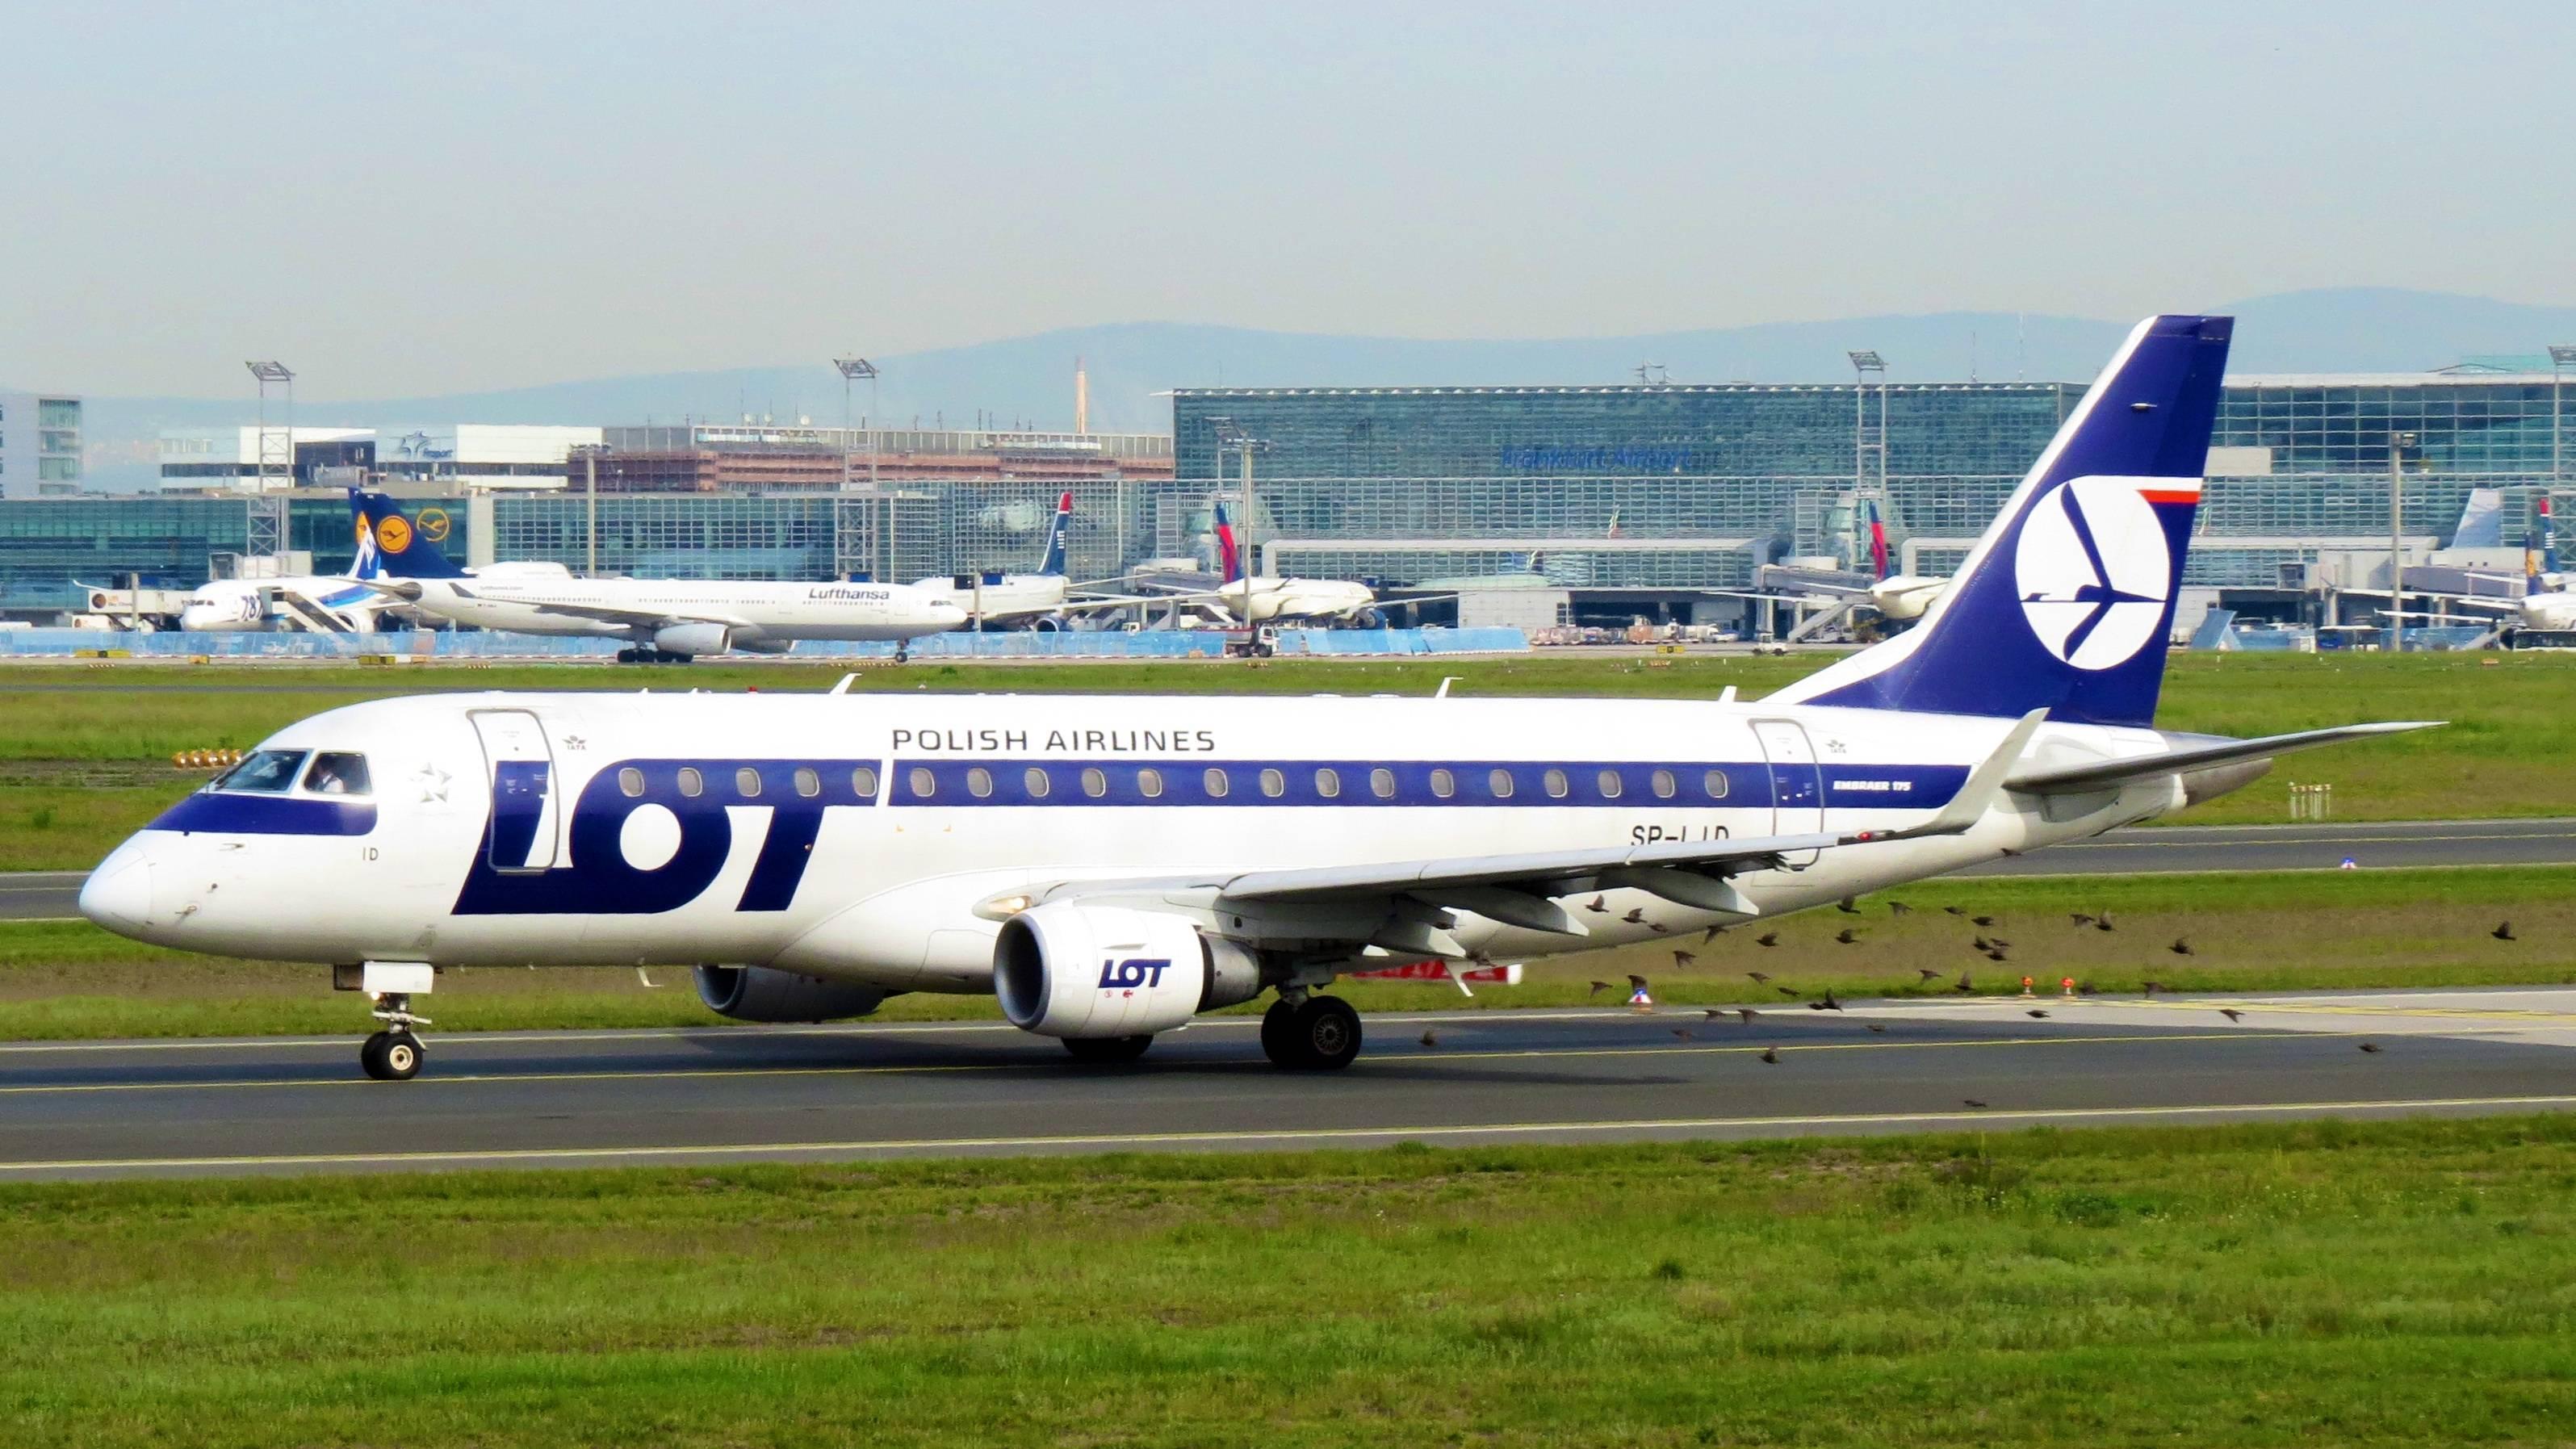 Lot polish airlines (лот полиш эйрлайнс): описание авиакомпании, услуги и цены, правила провоза багажа и ручной клади на польских авиалиниях